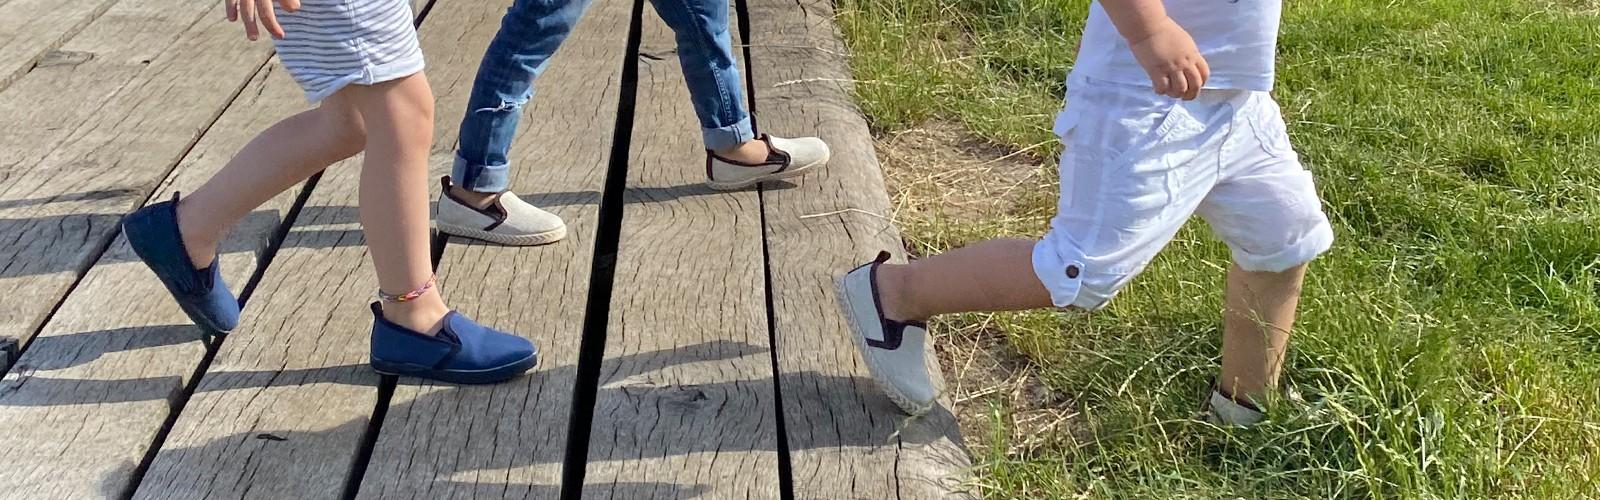 Chaussures enfants équitables